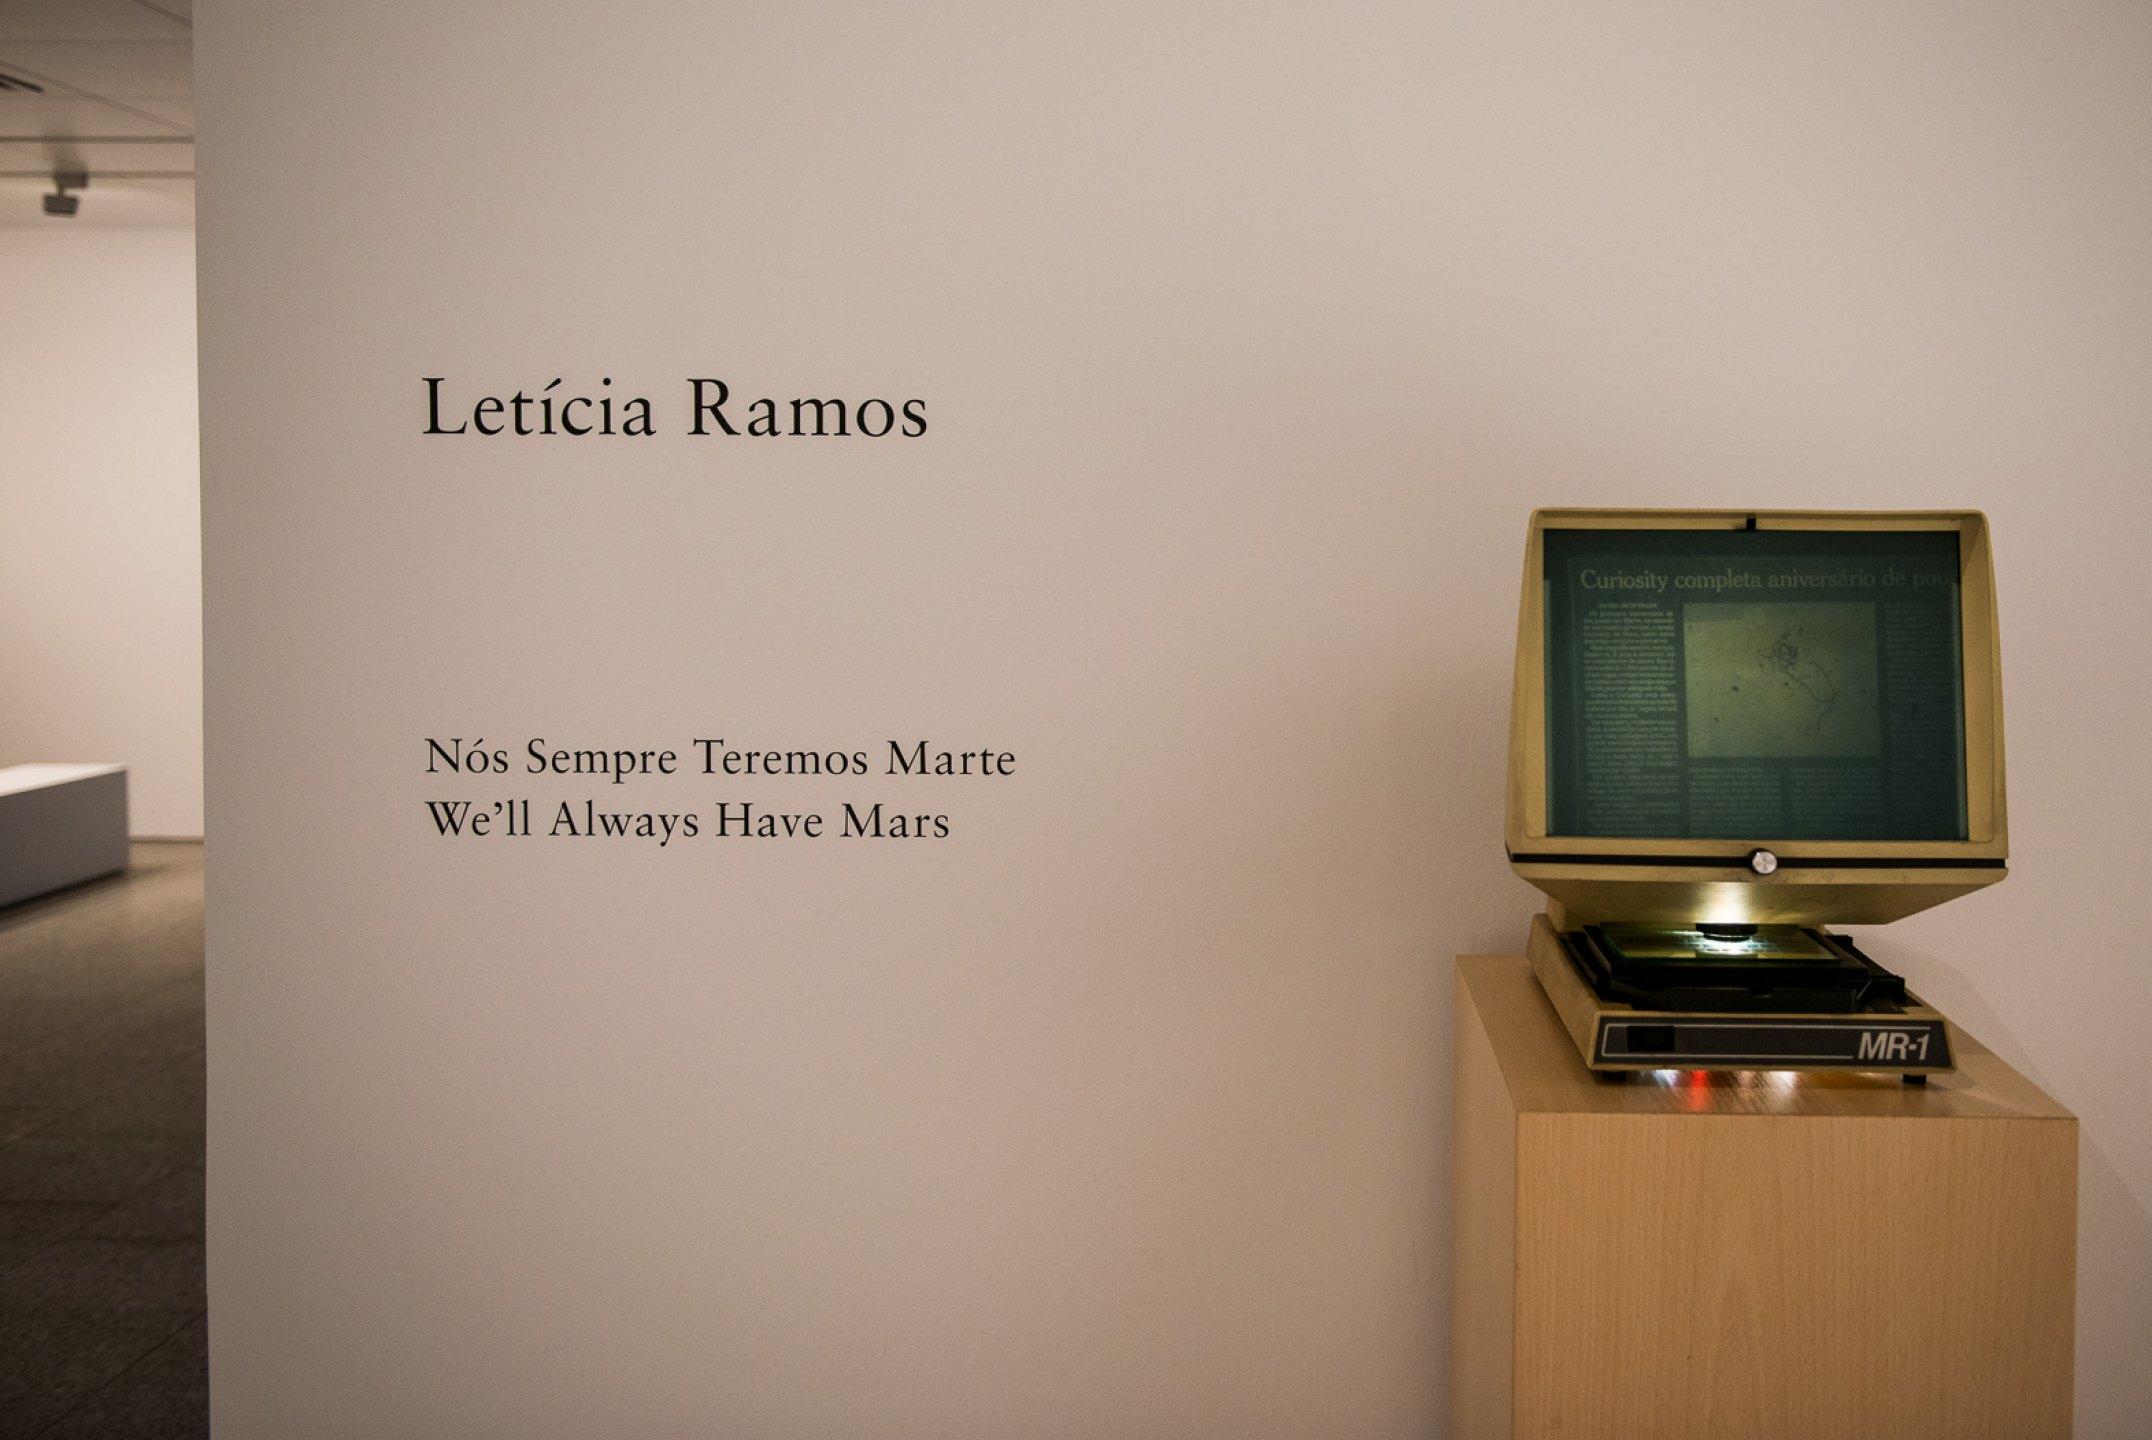 Leticia Ramos,<em>Novo Banco Photo</em>,Instituto Tomie Ohtake, São Paulo, 2014 - Mendes Wood DM